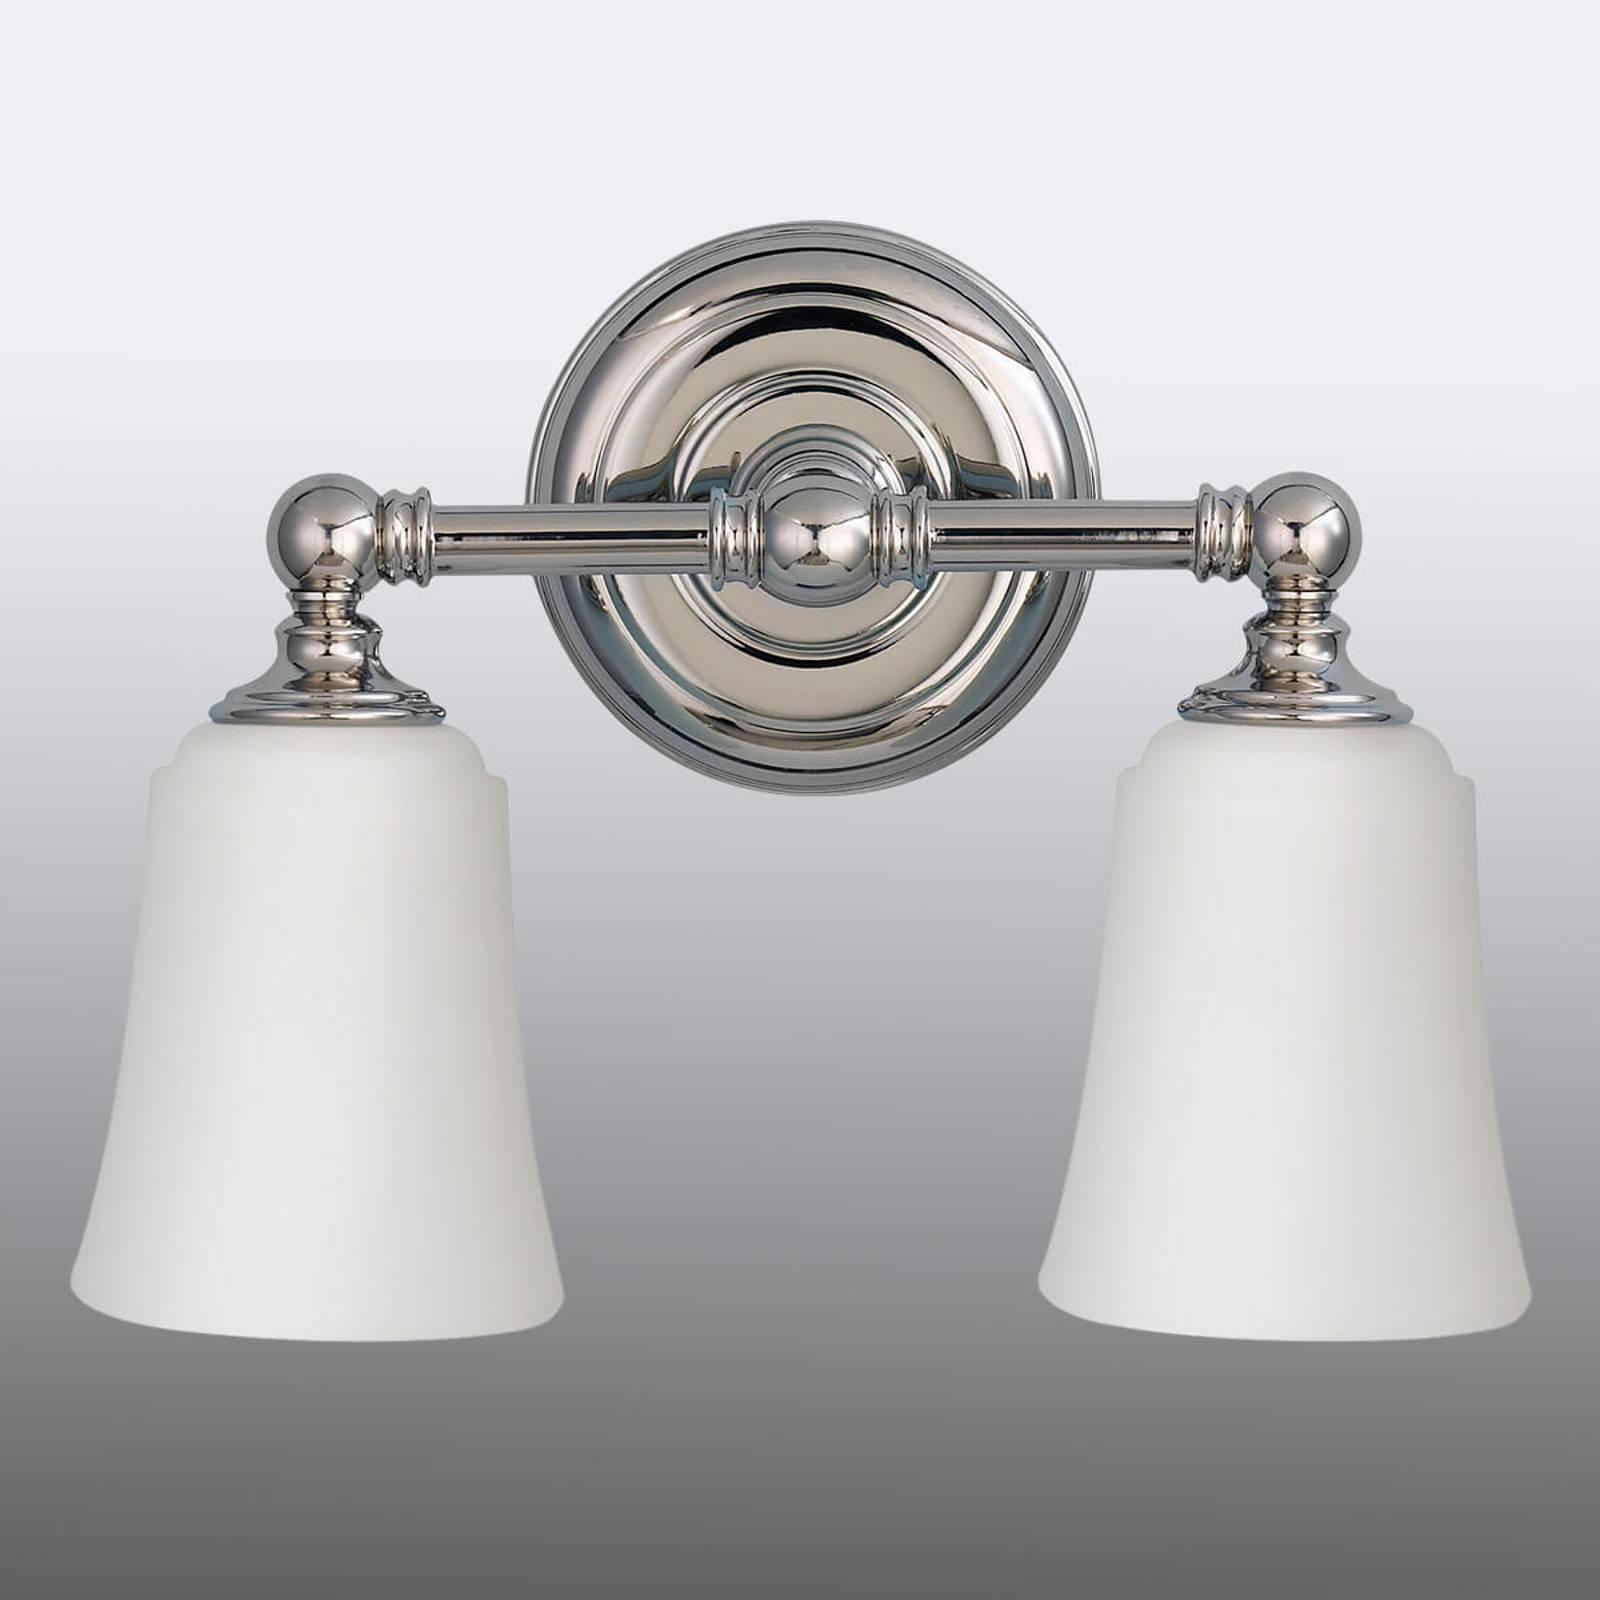 Applique pour miroir Huguenot Lake à 2 lampes